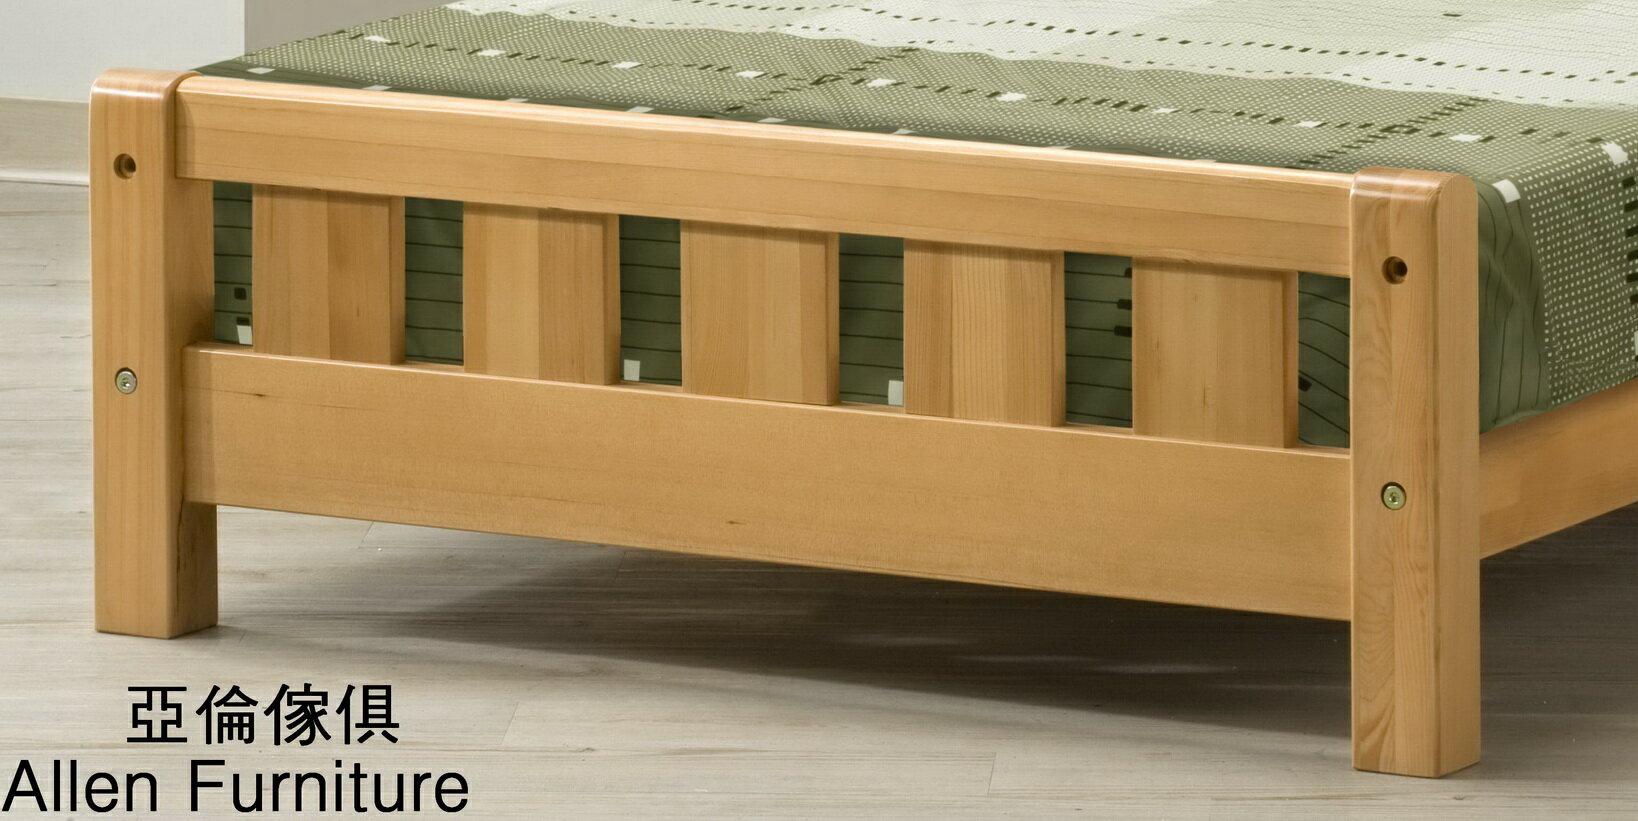 亞倫傢俱*安德烈檜木實木斜背單人3.5尺床架 2